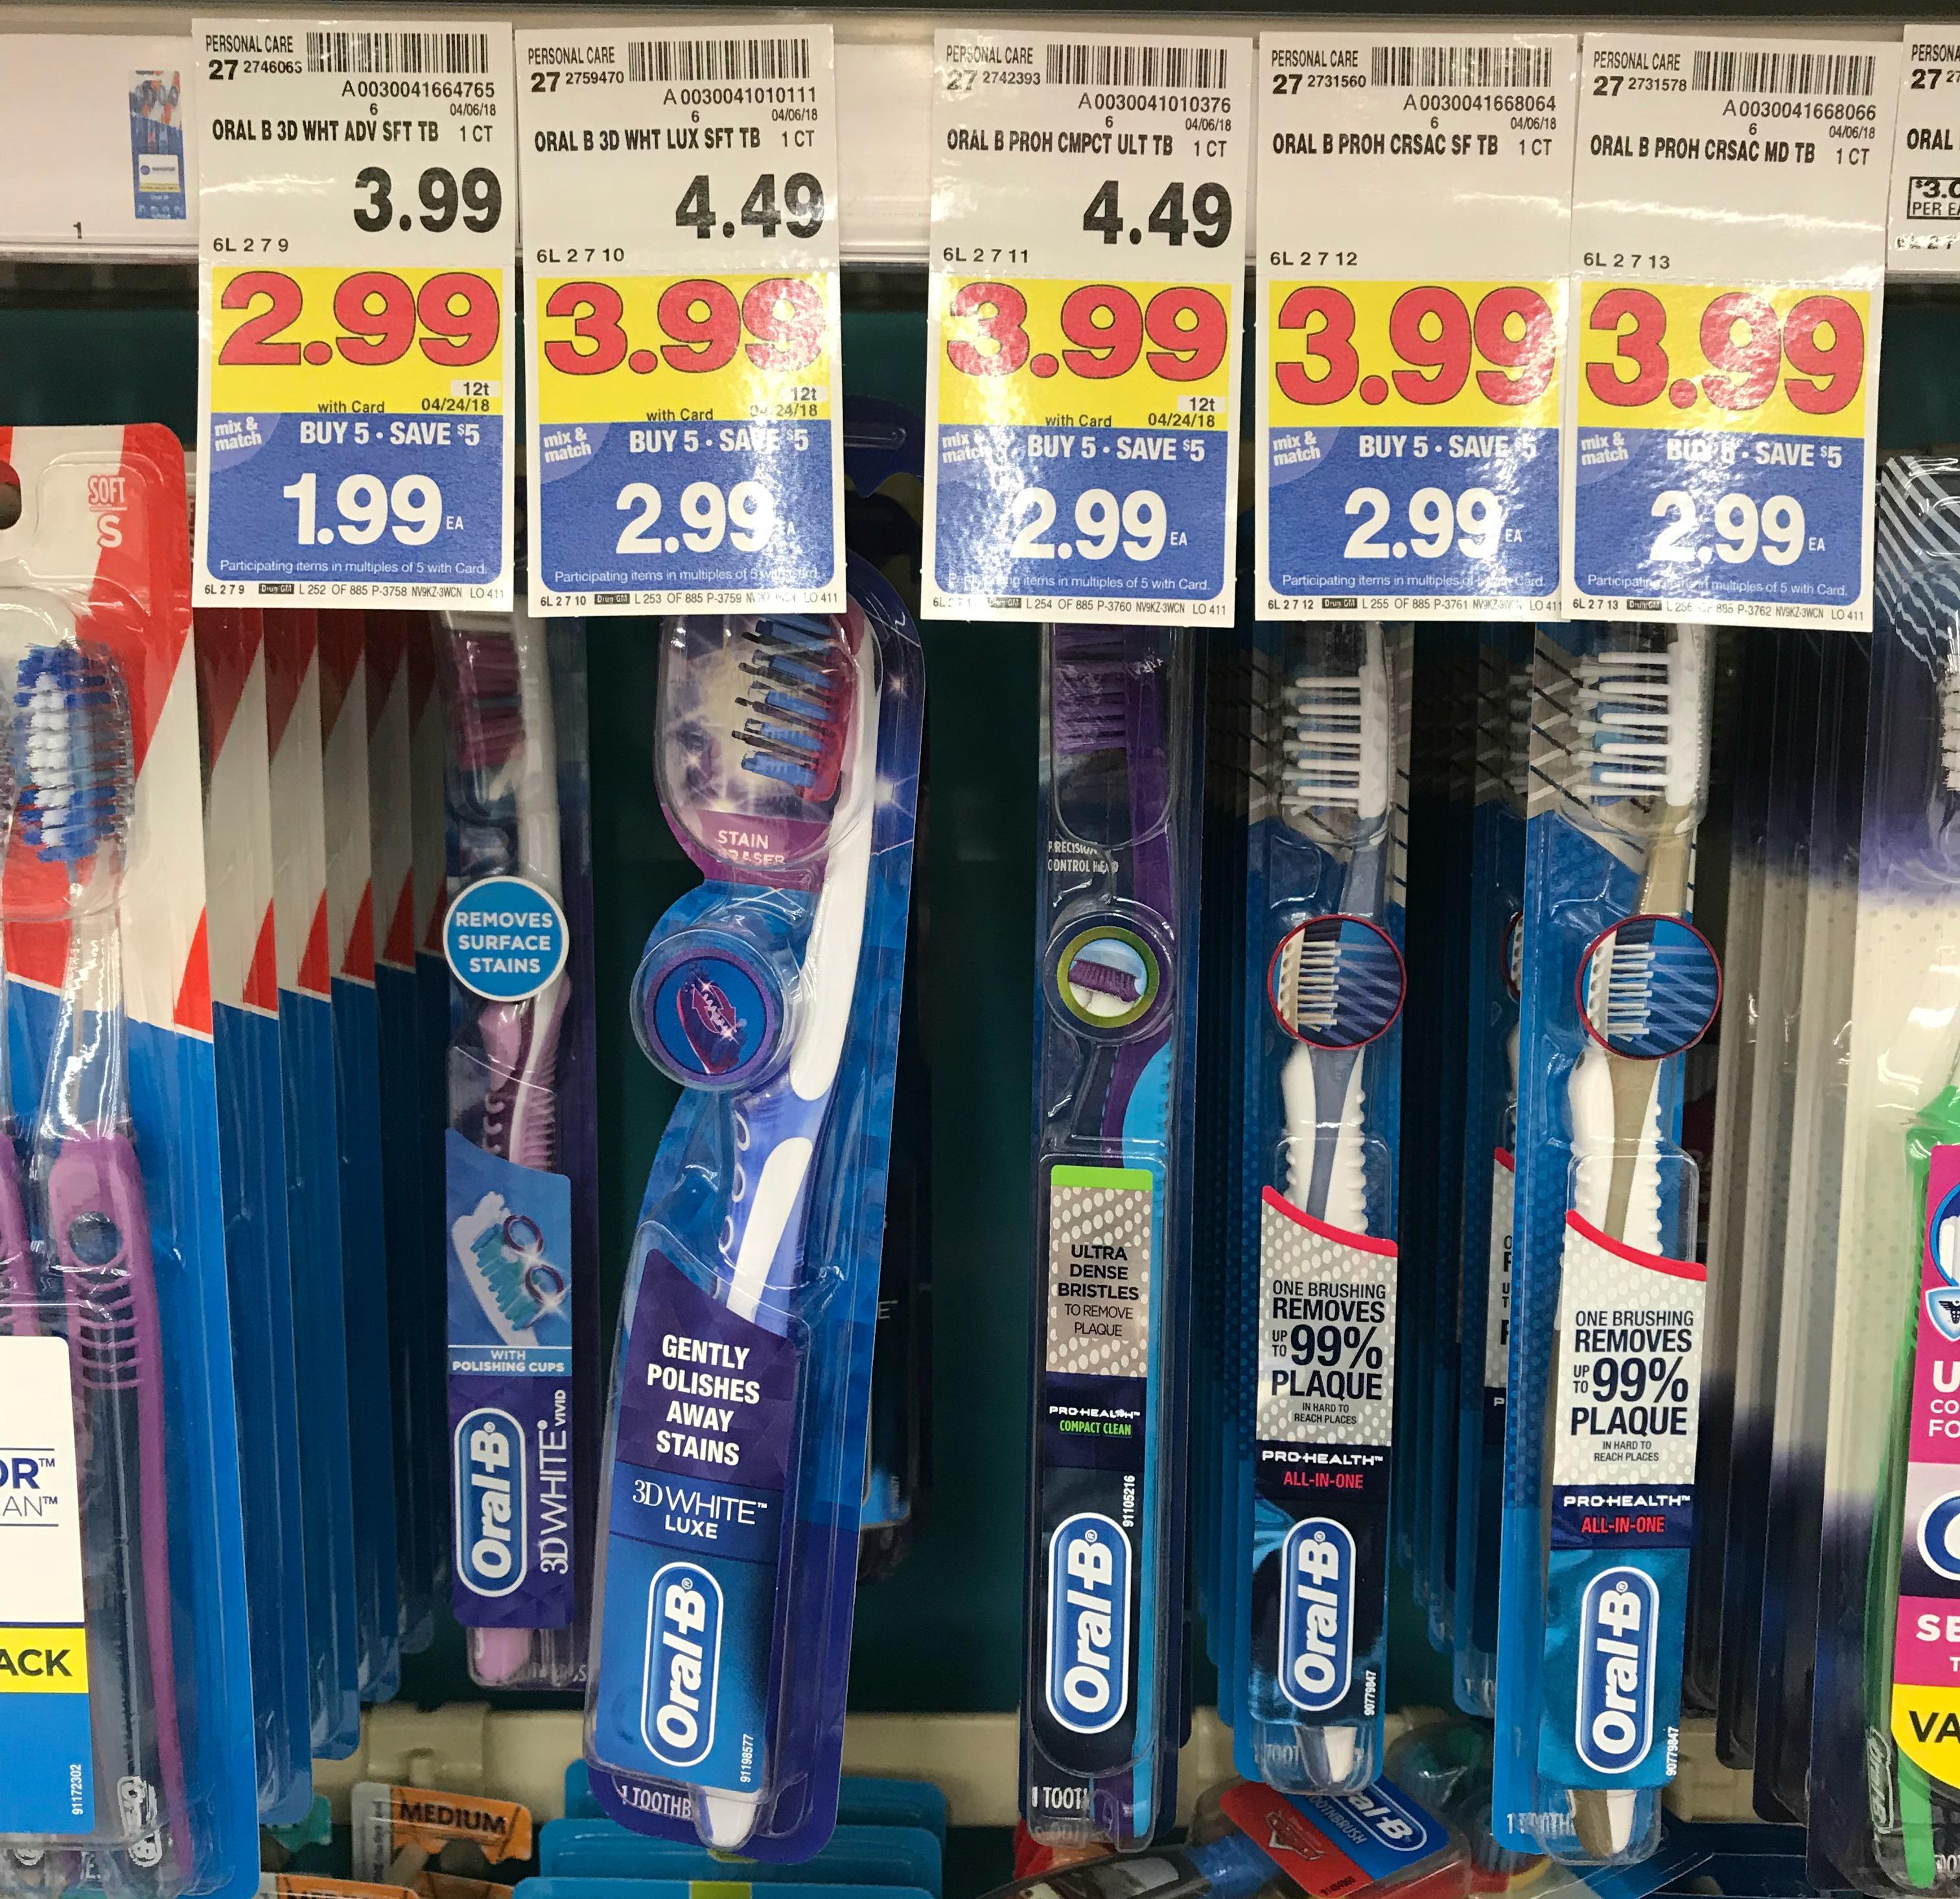 Oral b toothbrush coupons 2018